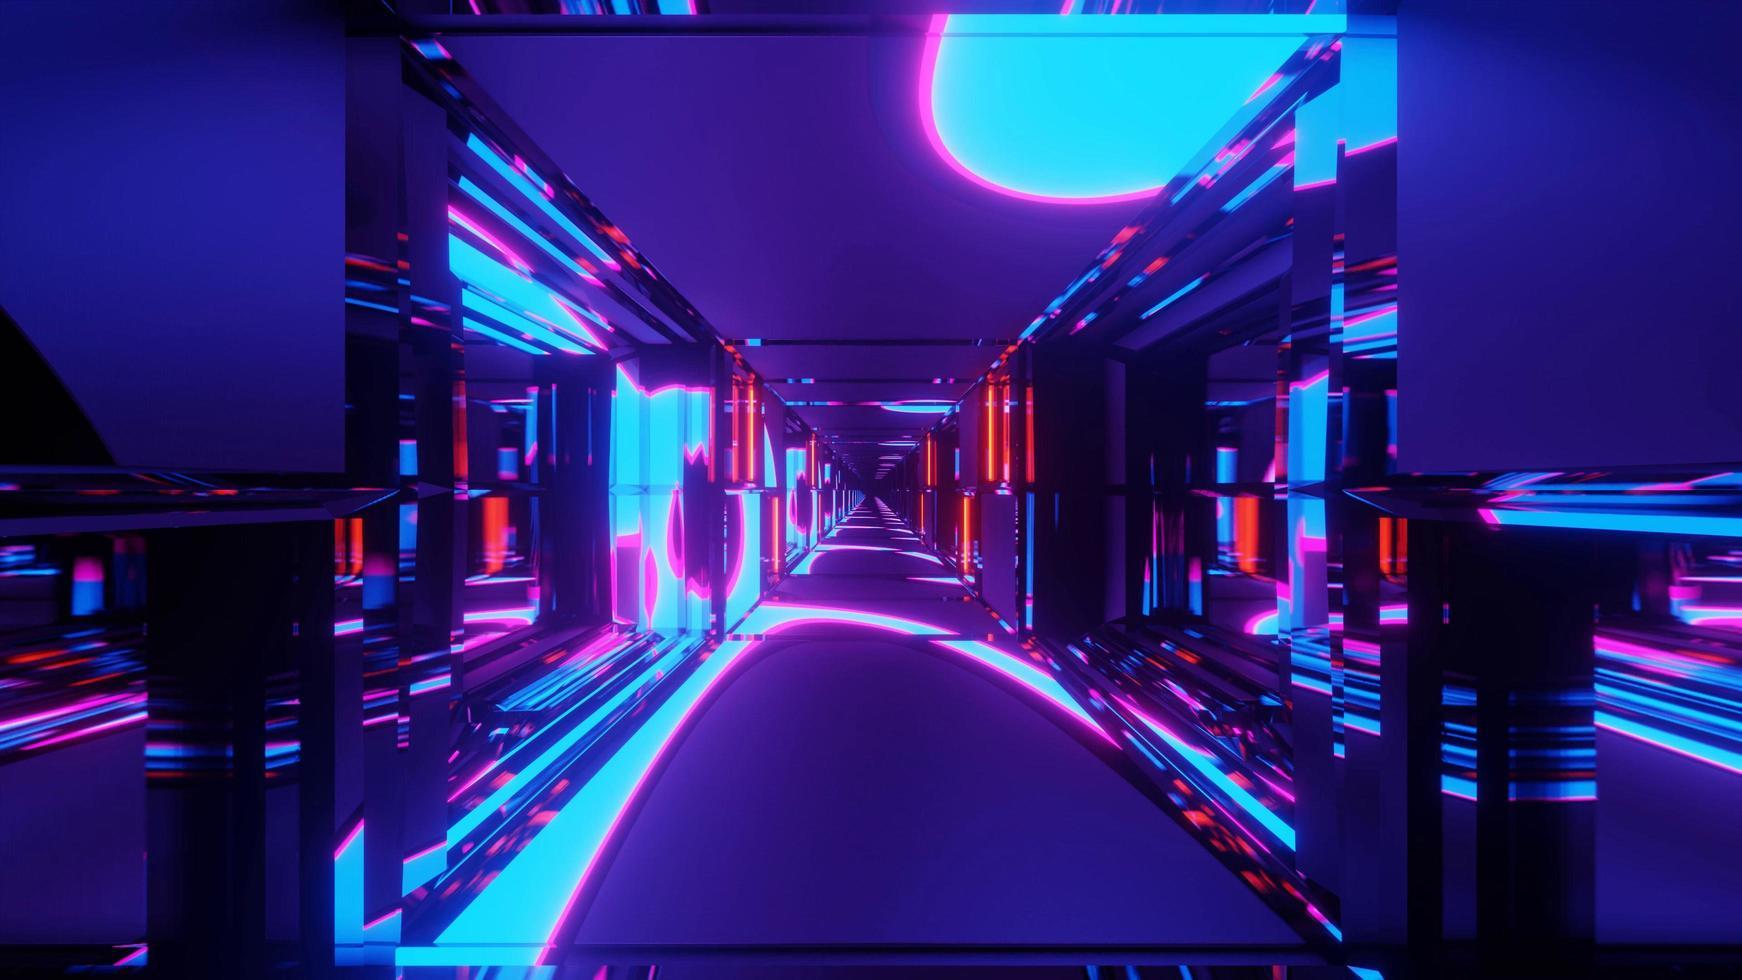 strahlende Reflexion 4k uhd 3d Illustrationshintergrund foto